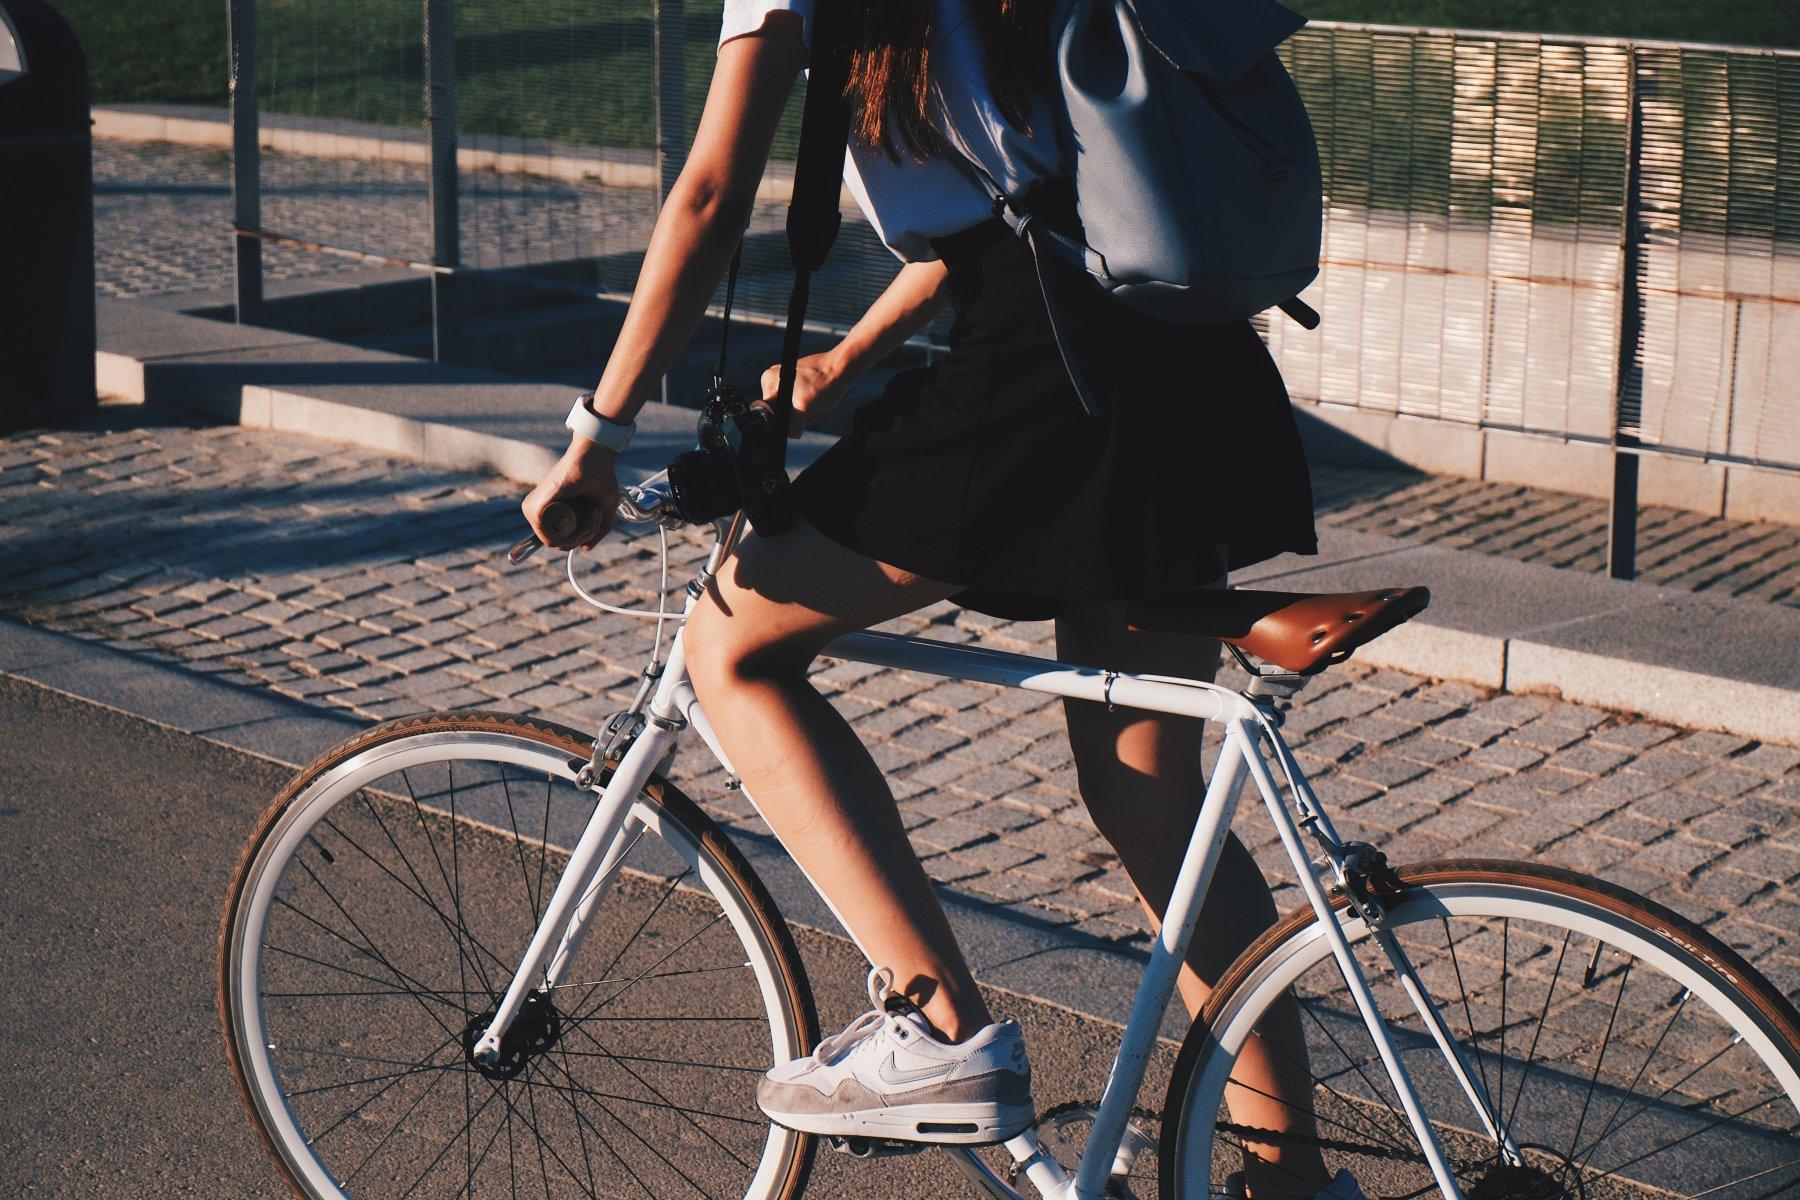 Geheimtipp Hamburg Helden Fahrrad Versicherung Nahaufnahme